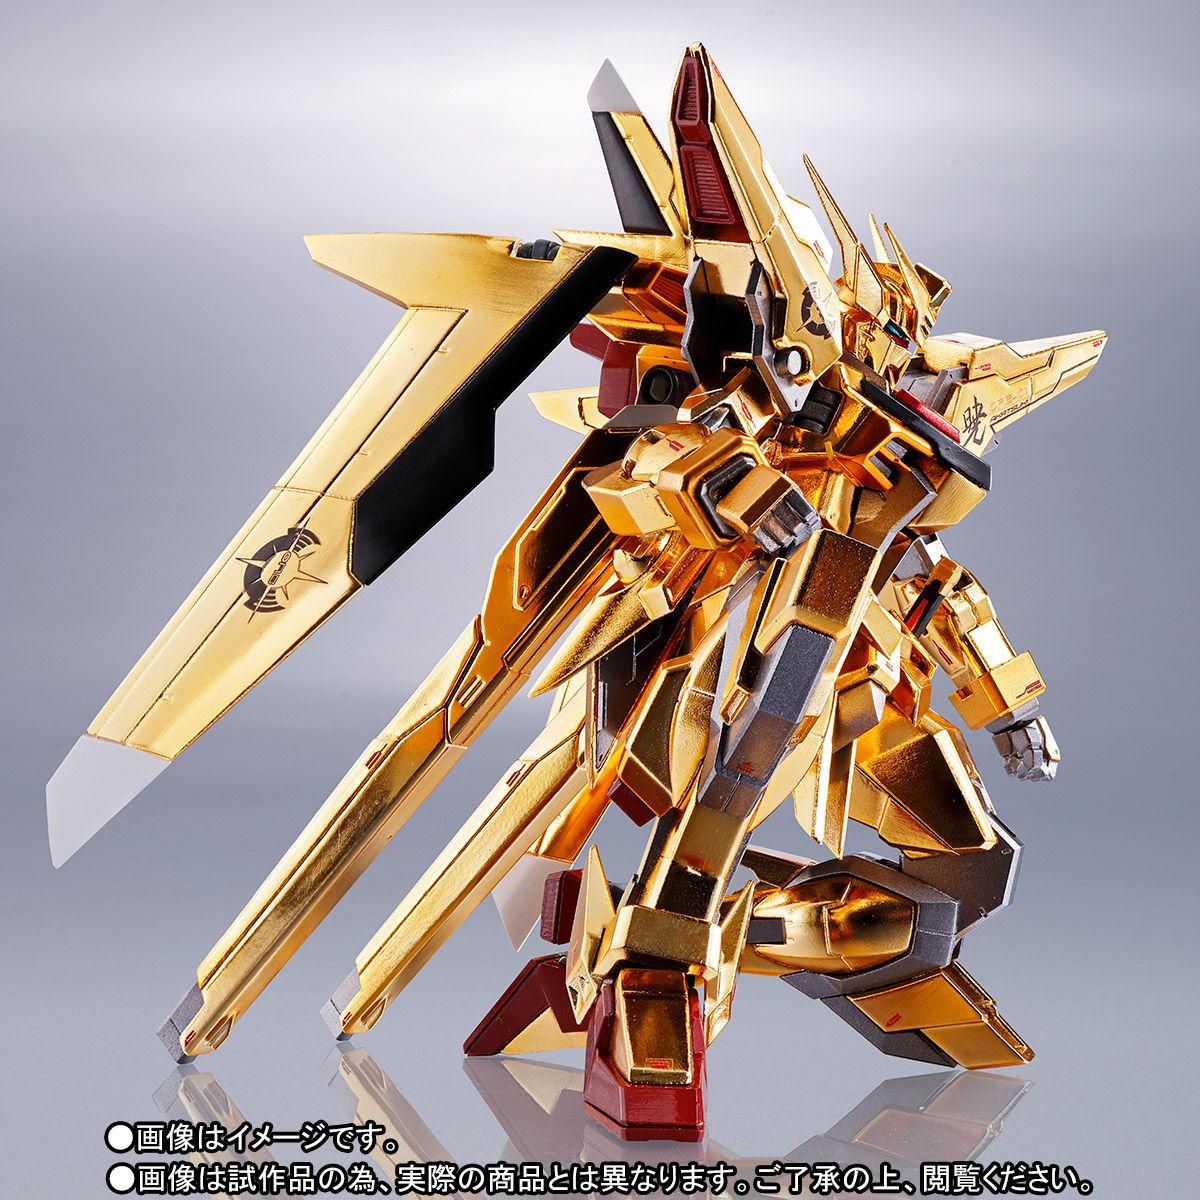 耀眼的曙光降世!METAL ROBOT魂《機動戰士鋼彈SEED DESTINY》ORB-01 曉鋼彈(大鷲裝備)|アカツキガンダム(オオワシ装備)